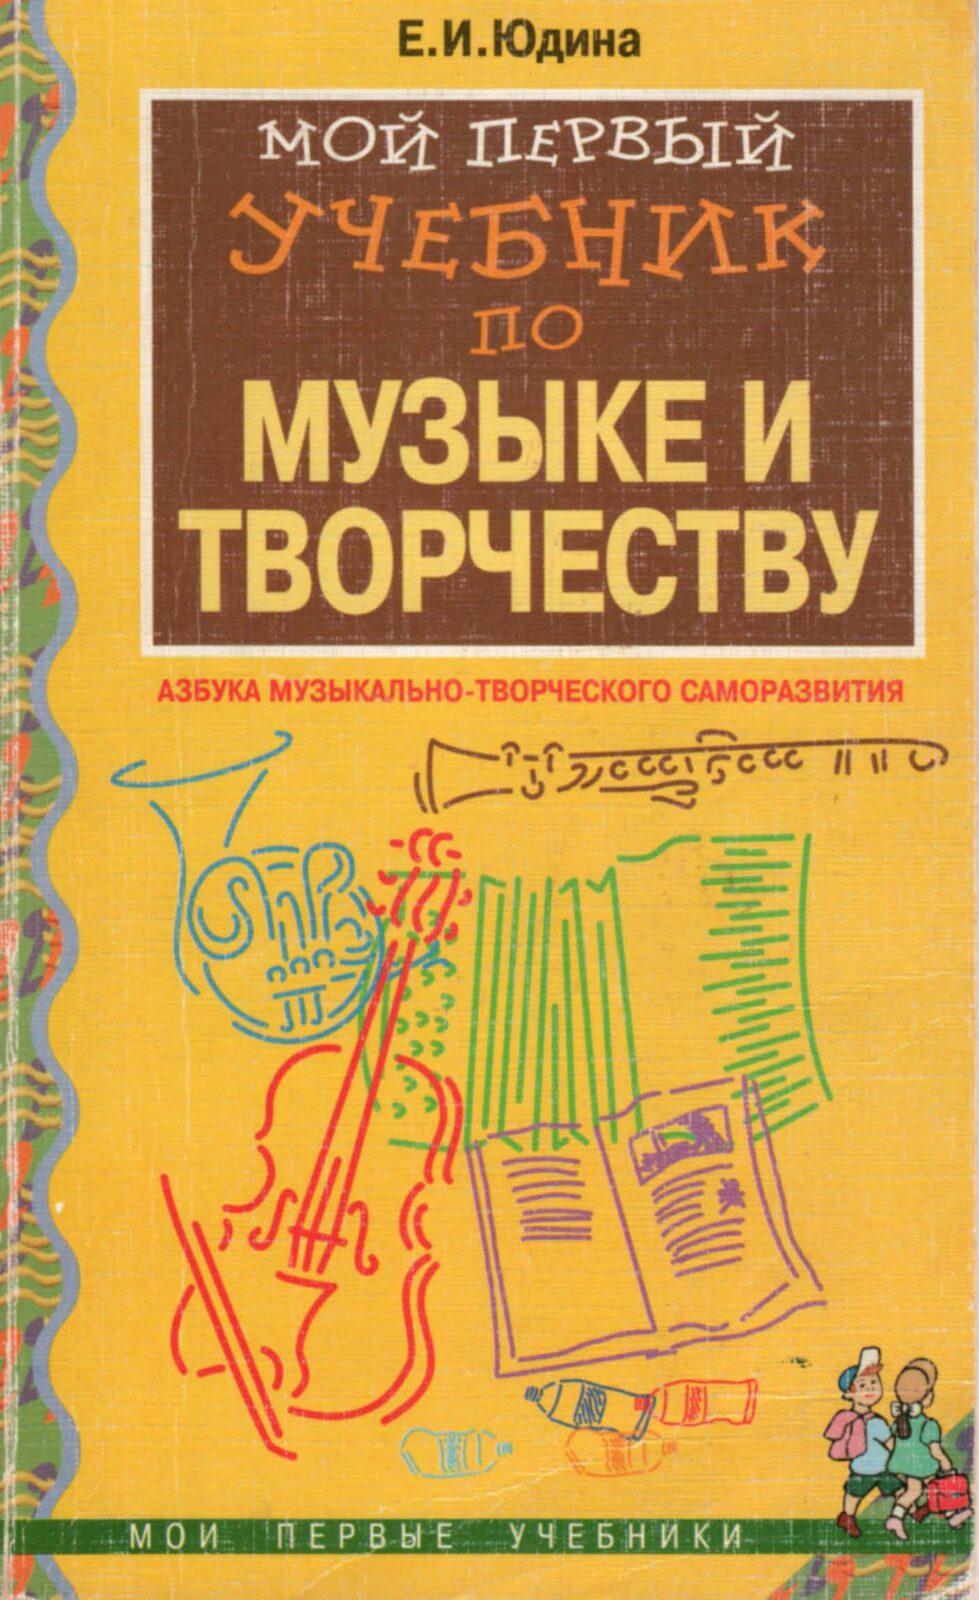 Мой первый учебник по музыке и творчеству. Юдина И.